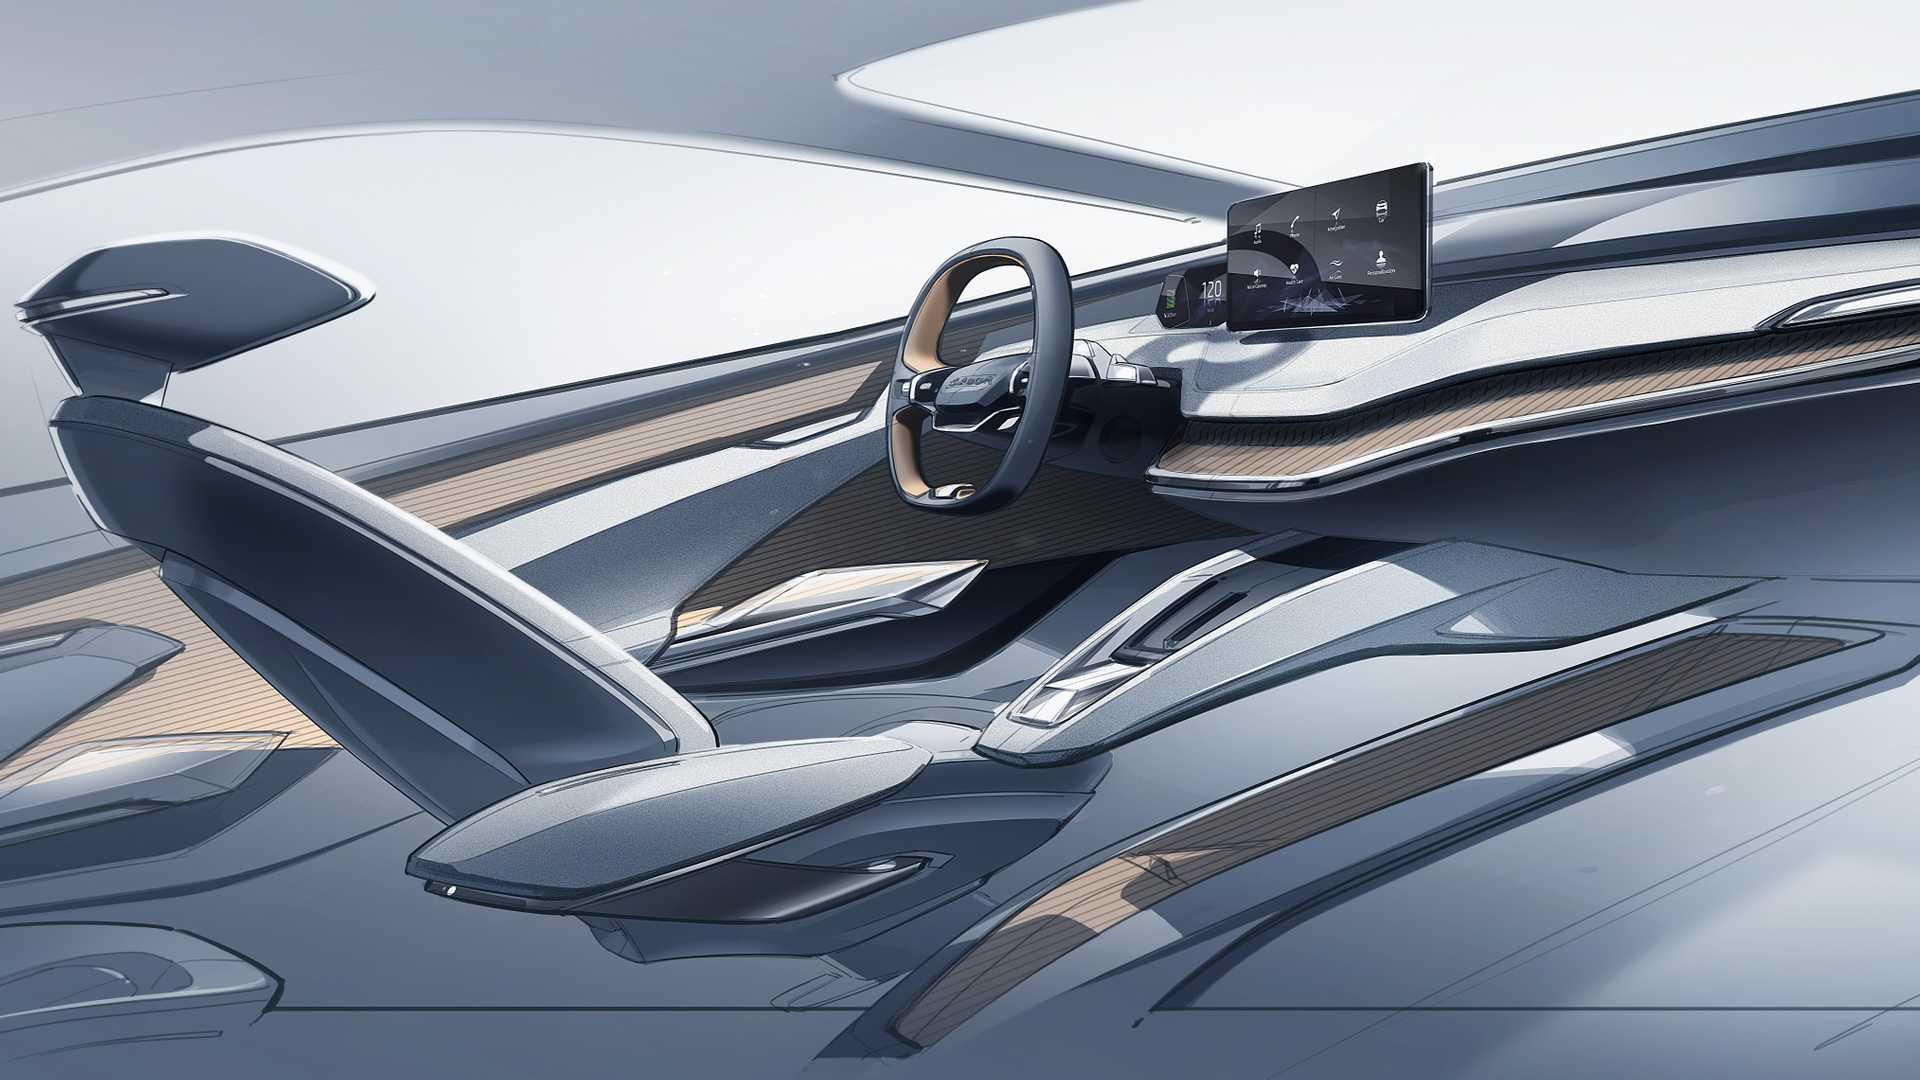 斯柯达VISION iV概念车内饰设计图 设计简洁/科技感足